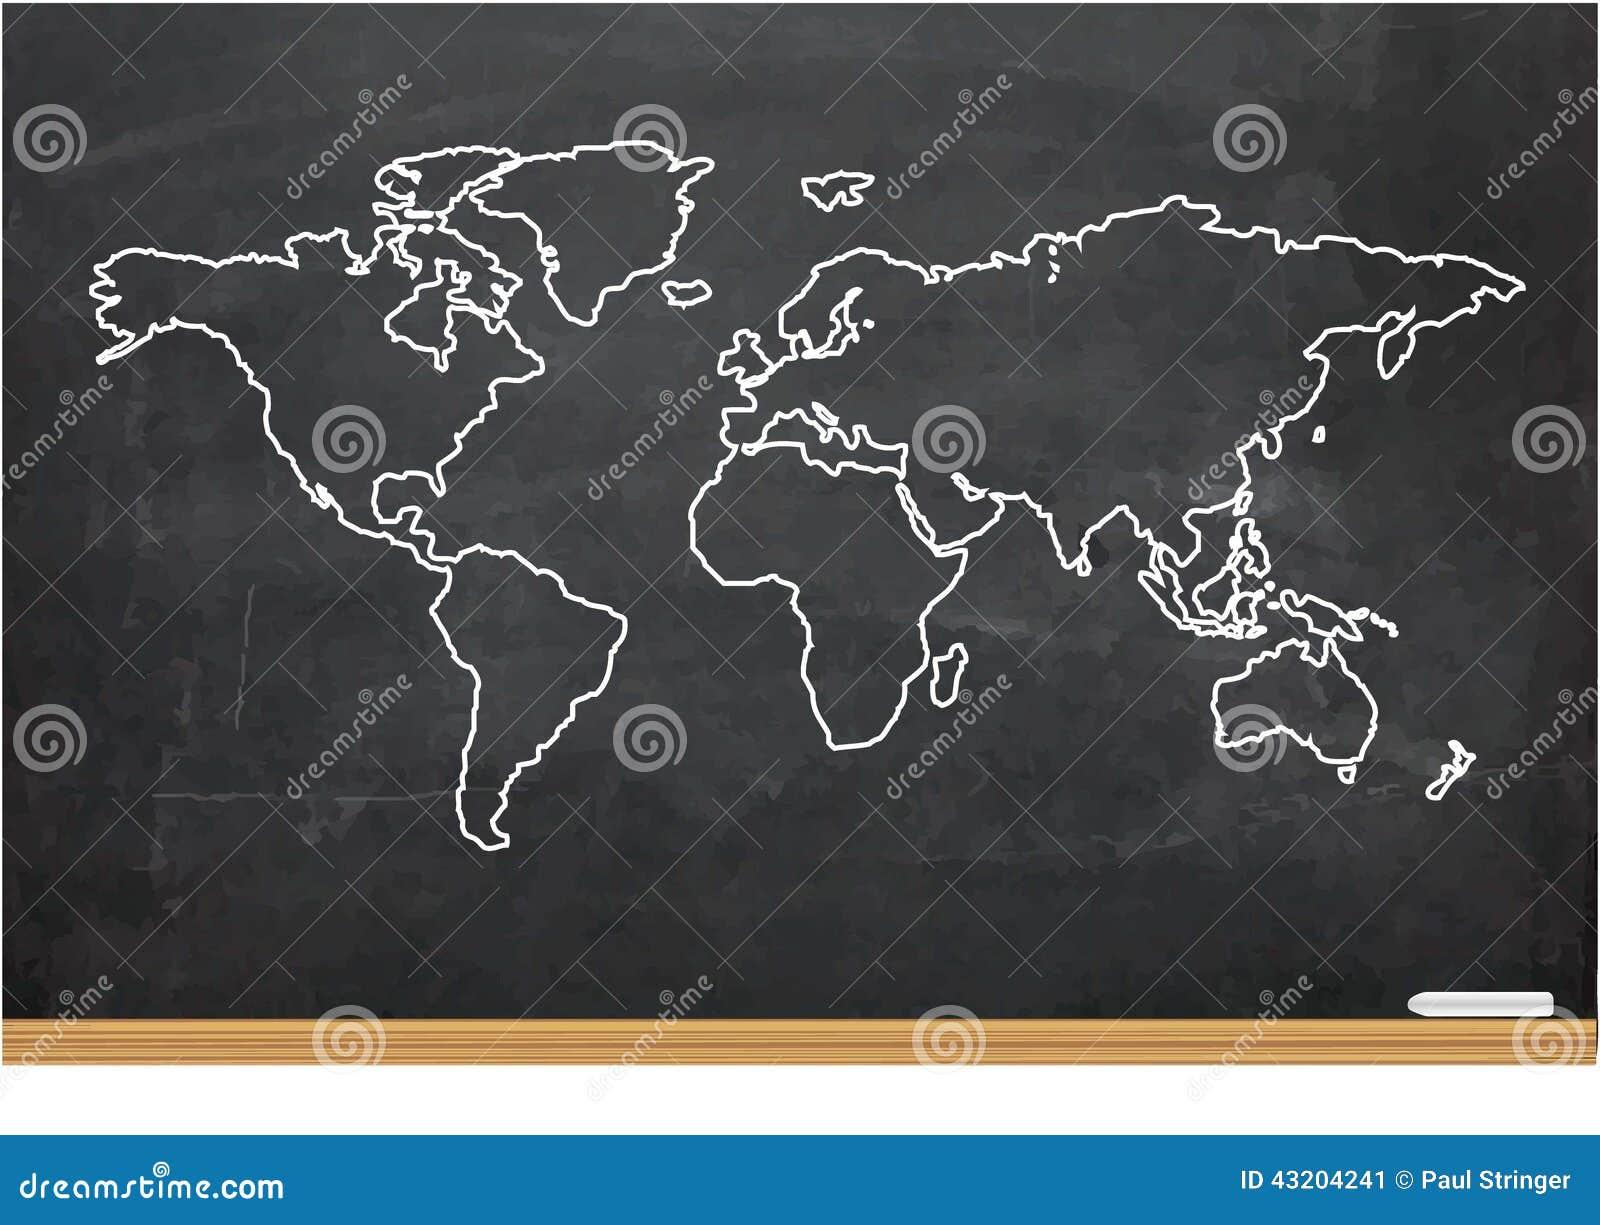 Download Illustration Av Världskartor Stock Illustrationer - Illustration av utbildning, modernt: 43204241